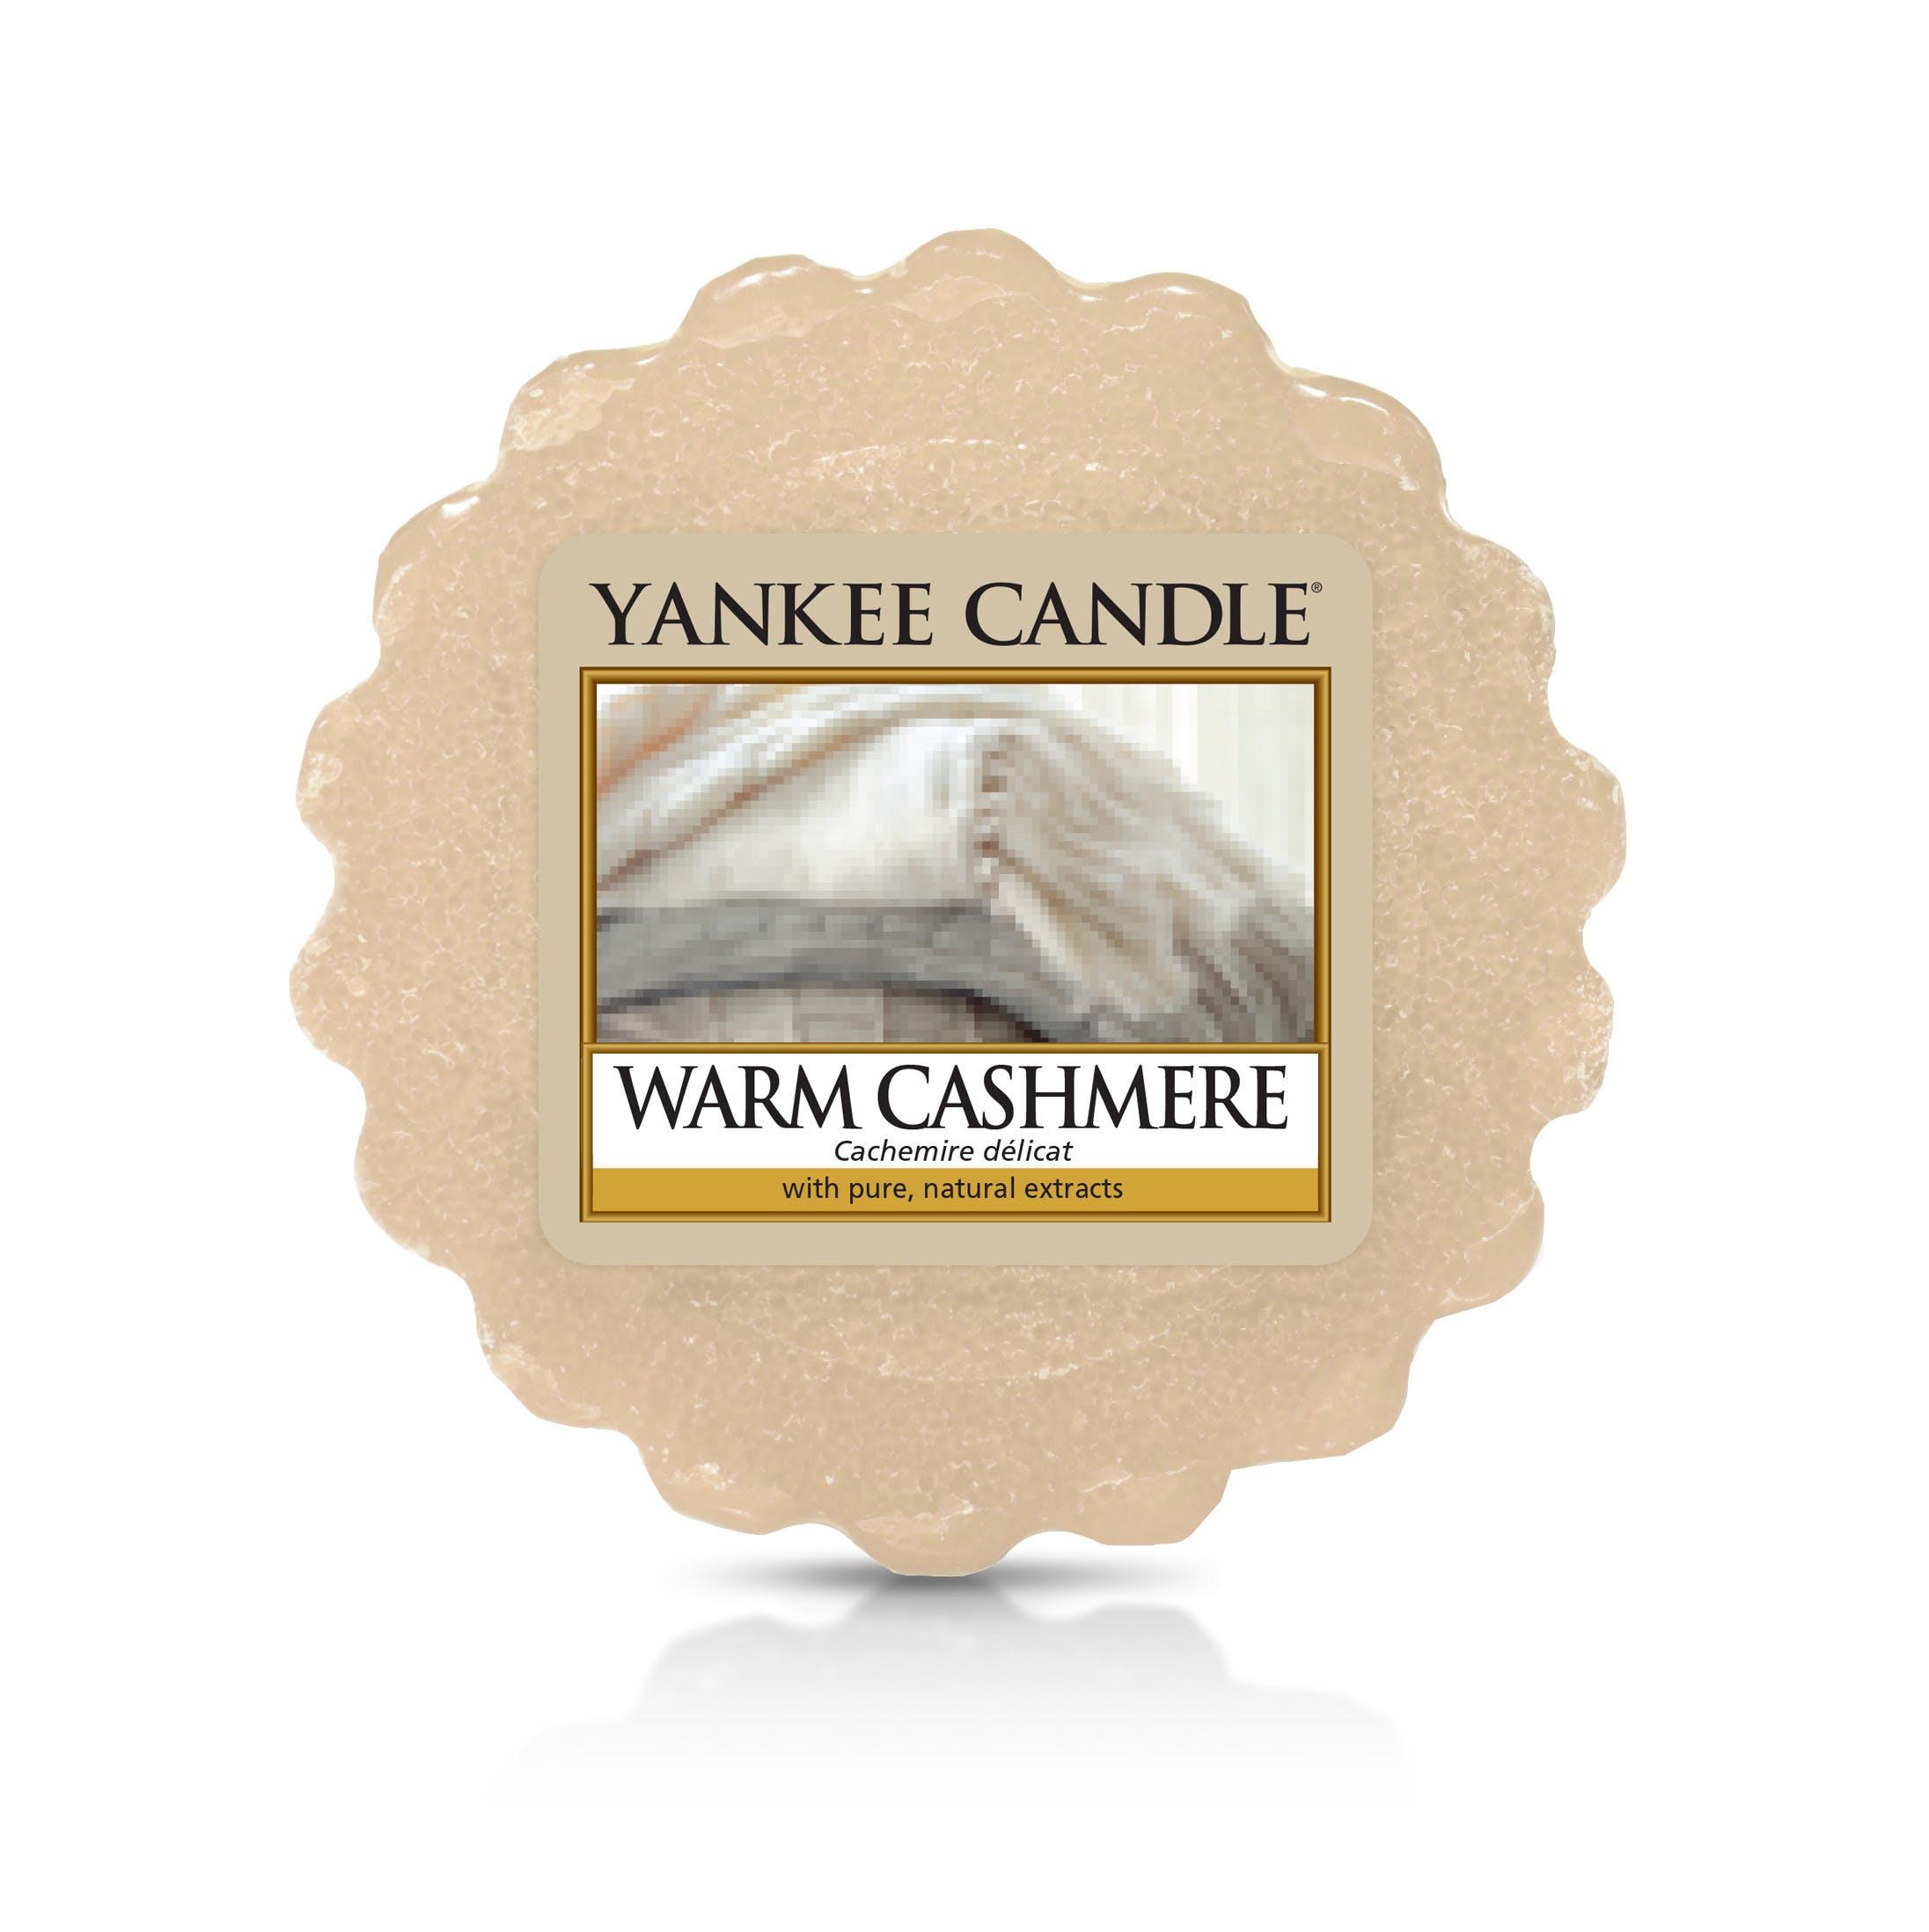 Cachemire Délicat tartelette YANKEE CANDLE